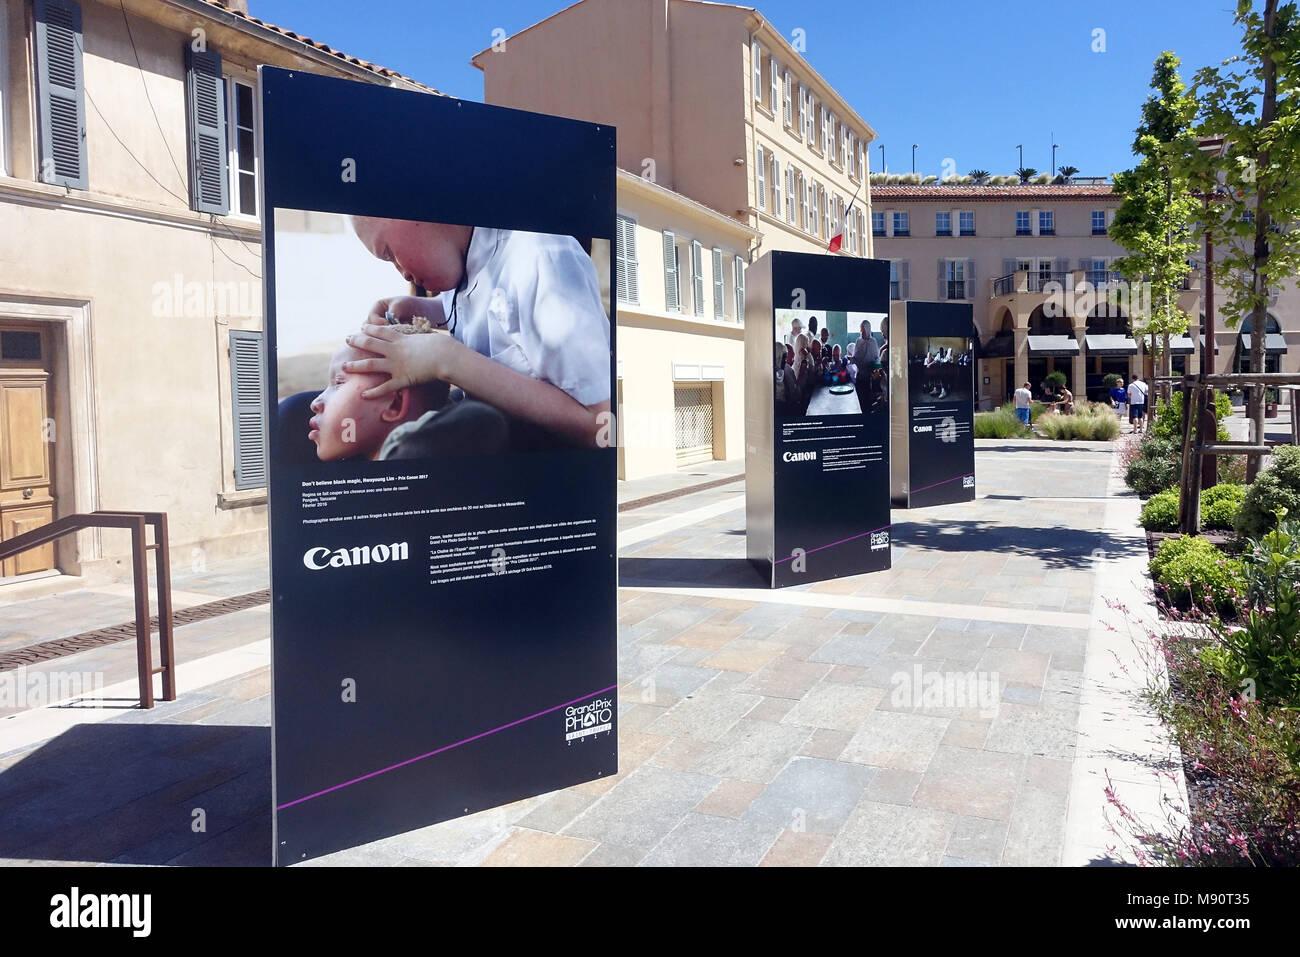 Grand Prix Photo de Saint-Tropez. Exposition Canon. - Stock Image